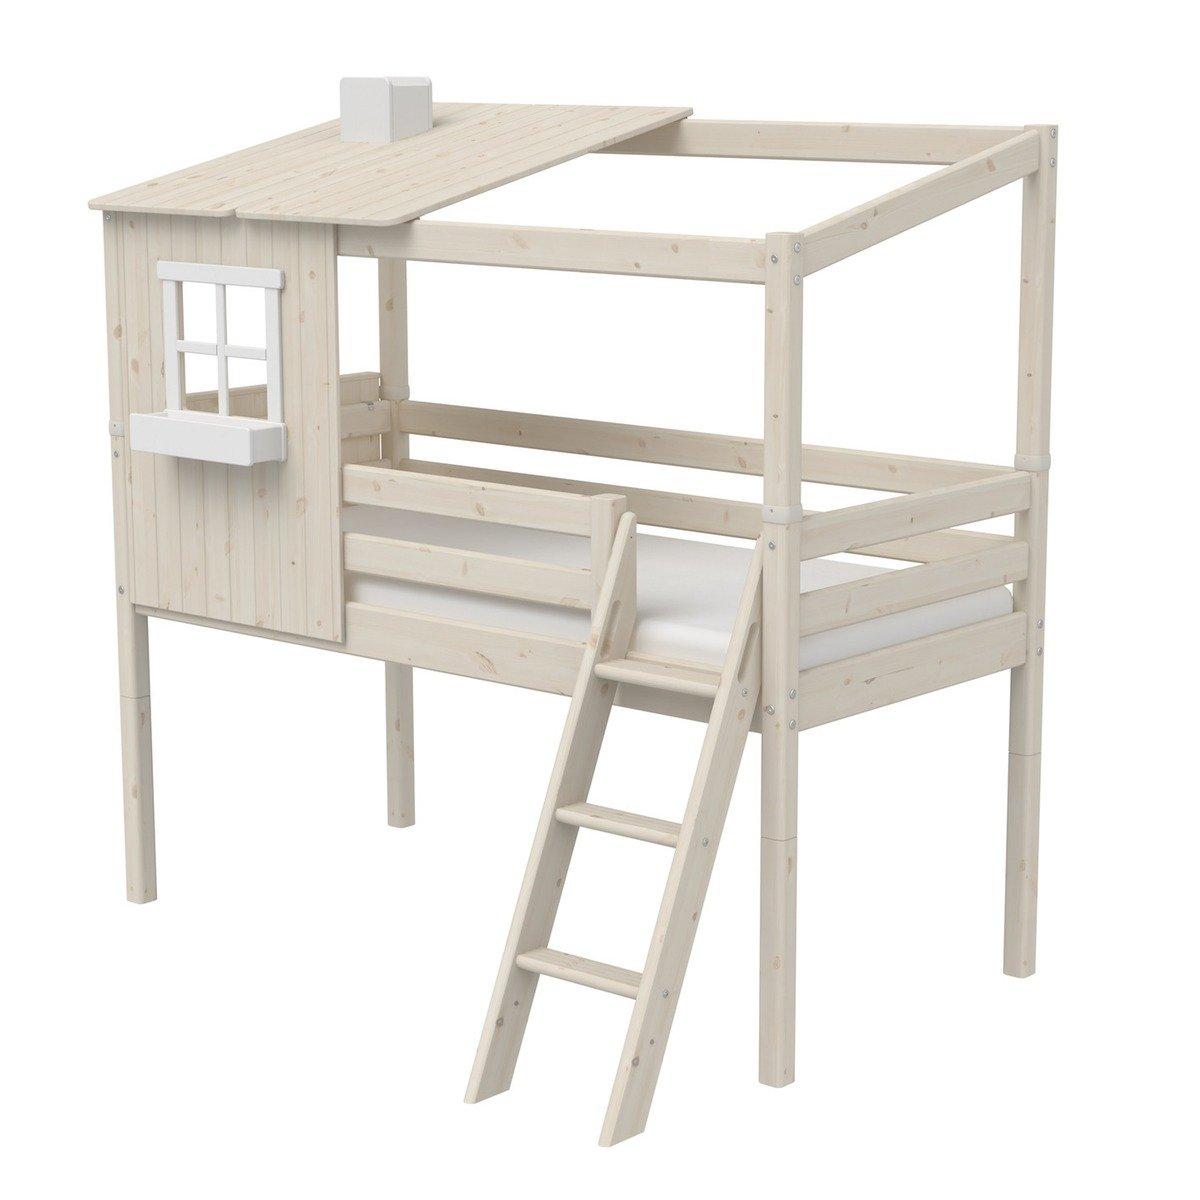 Full Size of Halbhohes Hochbett Flexa Classic Bett Aus Holz 90x200cm Mit Halbem Wohnzimmer Halbhohes Hochbett